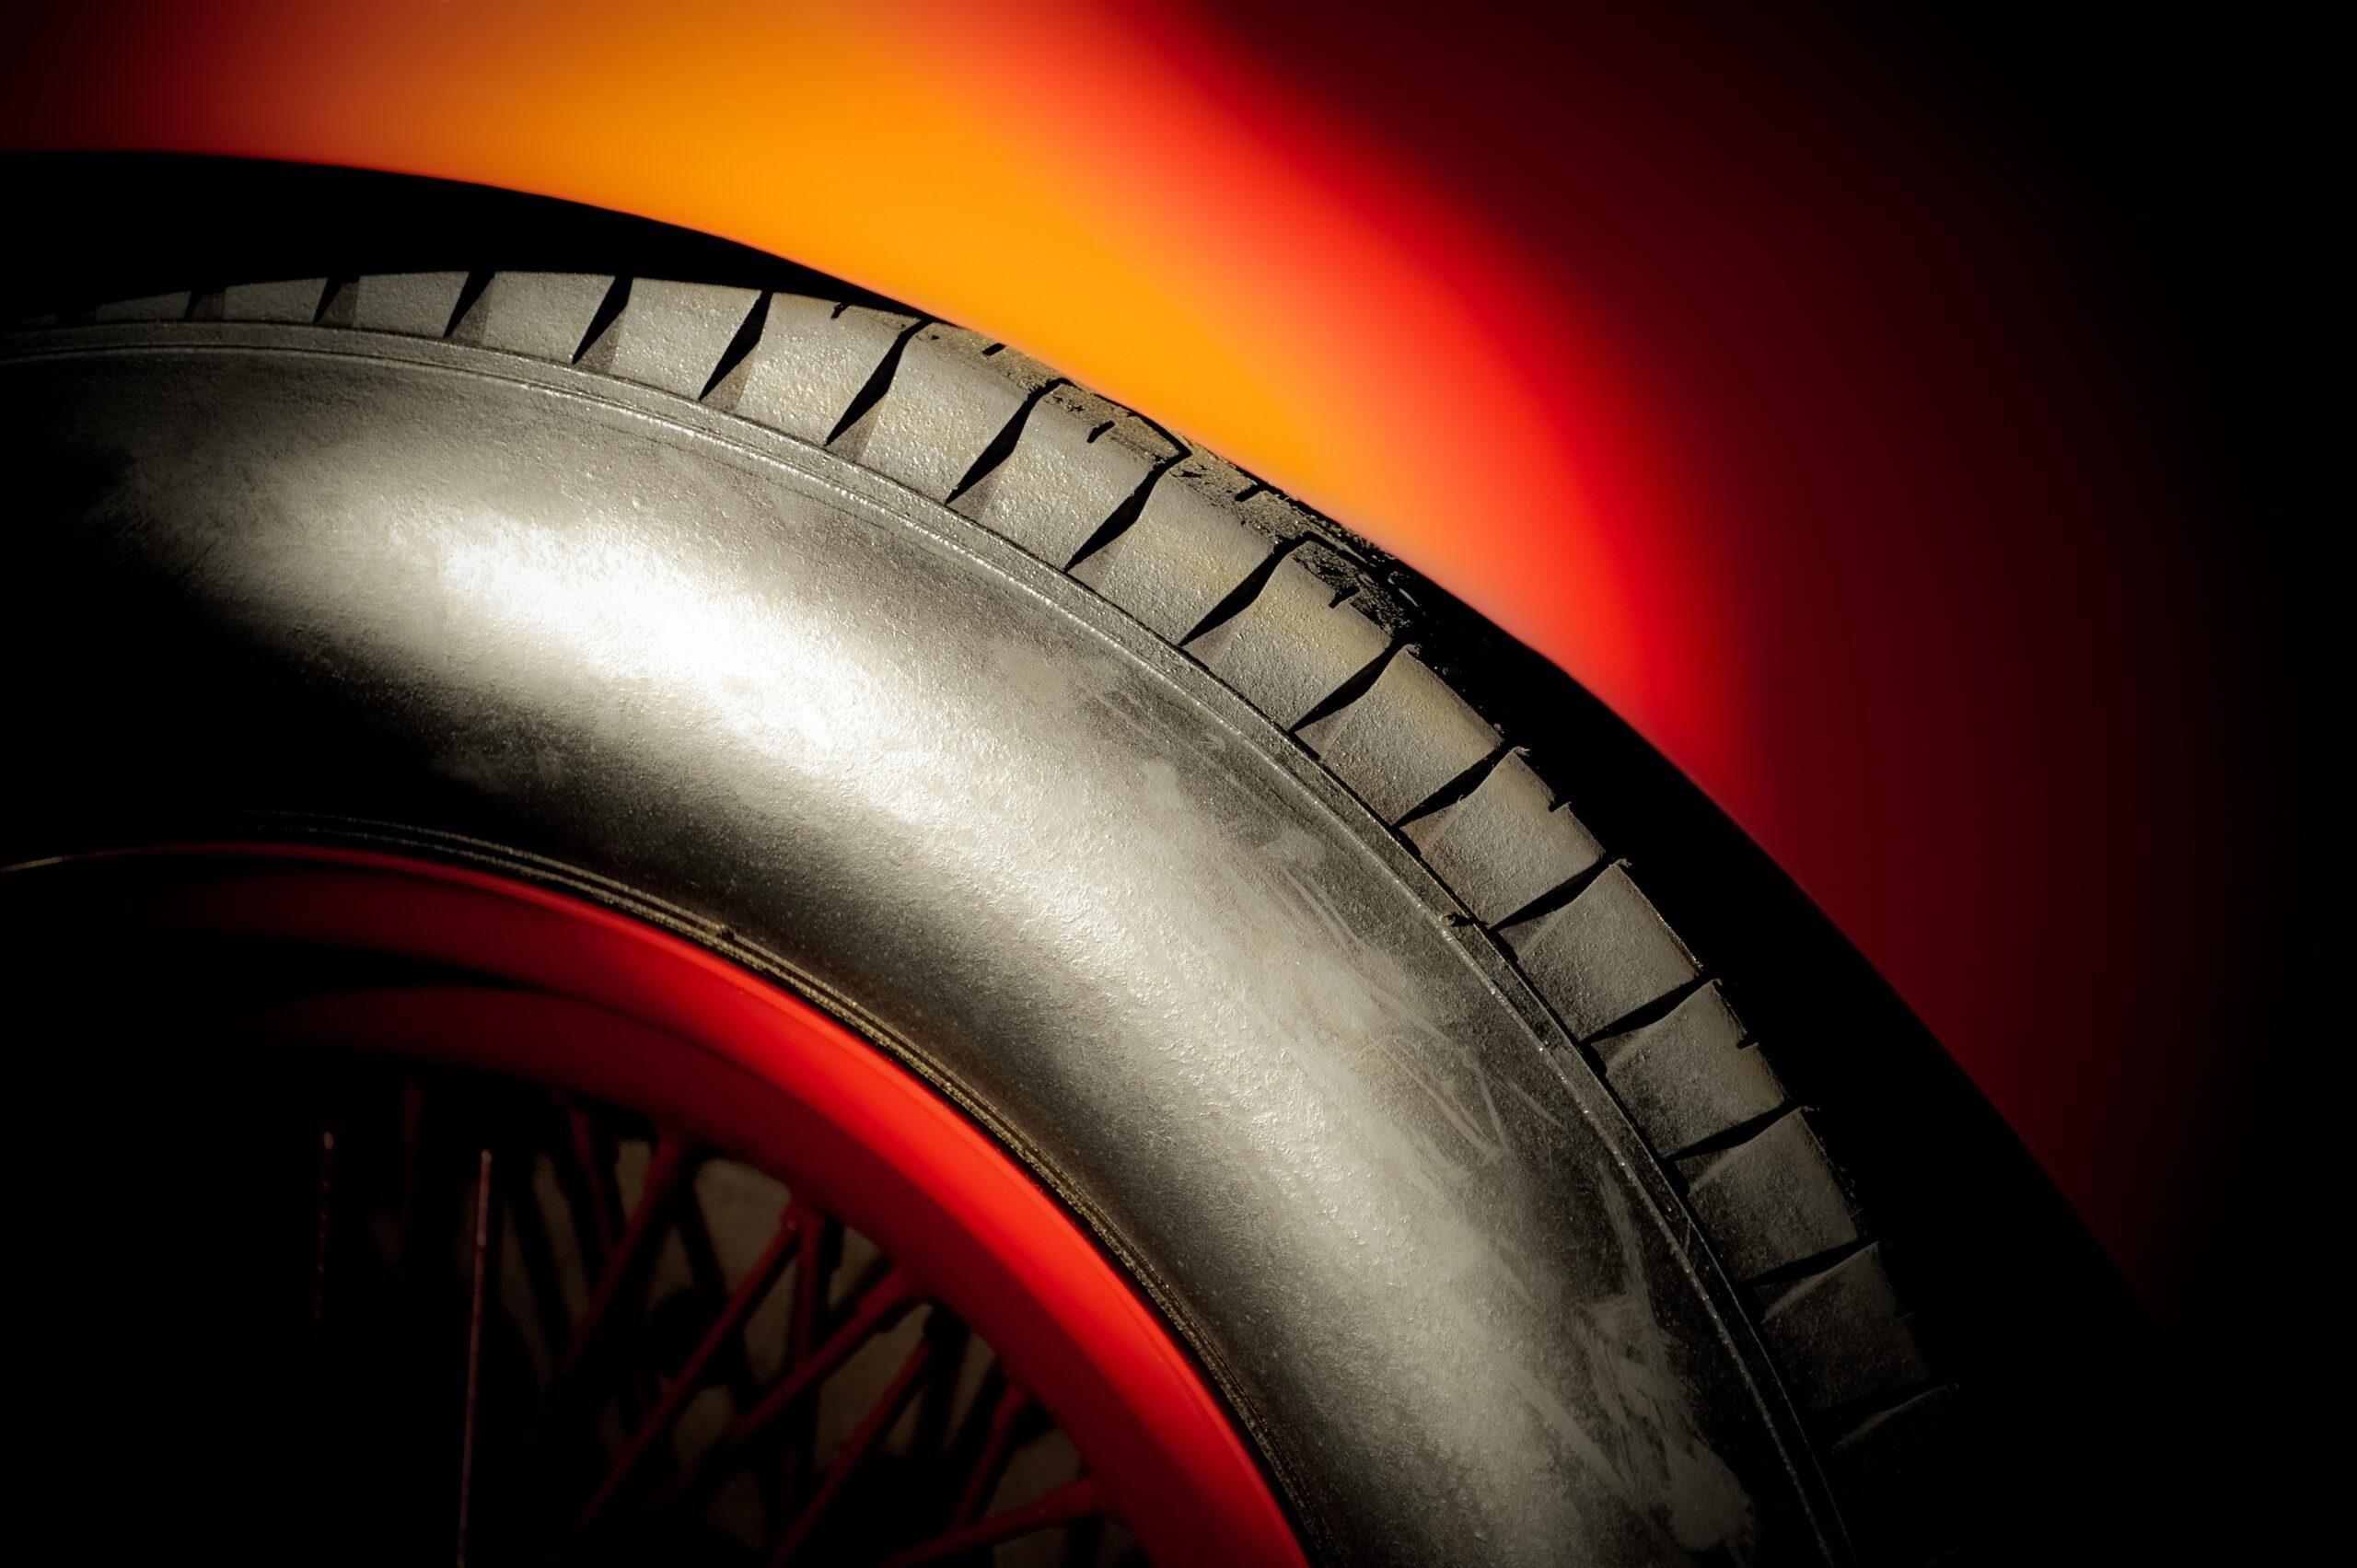 adwords comment se debarrasser des bandes de roulement des pneus